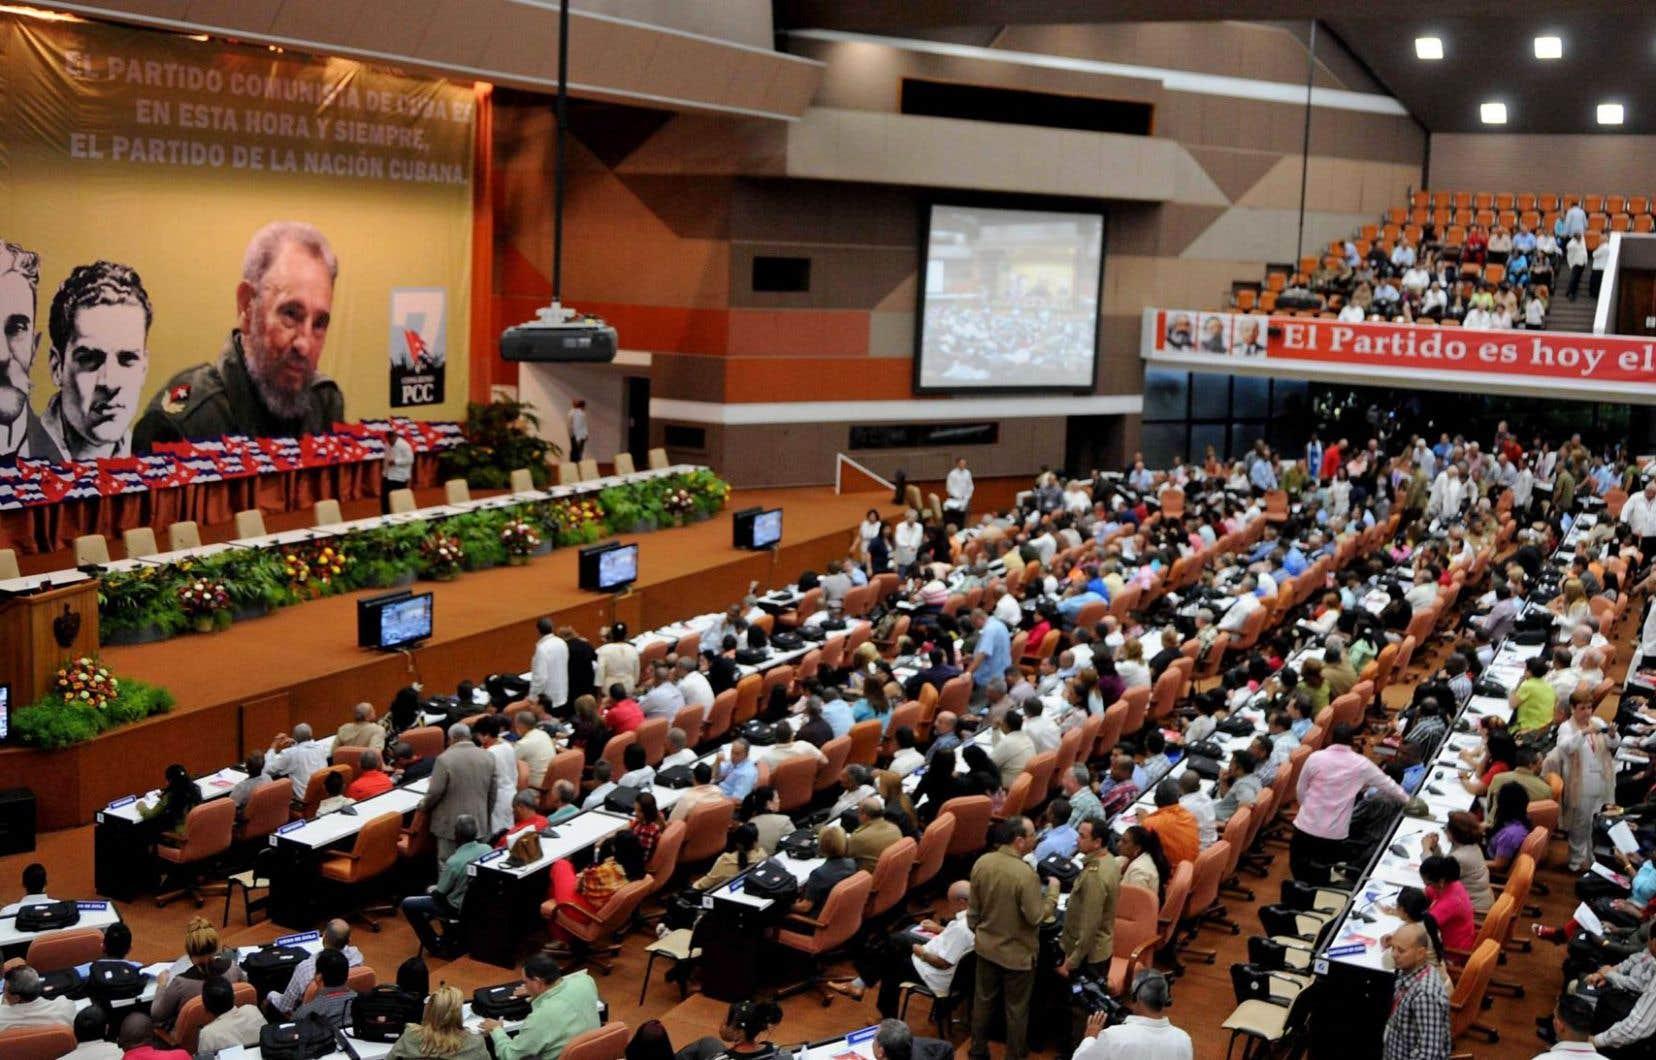 Les documents sur la légalisation des PME ont été adoptés lors du congrès du Parti communiste de Cuba, le mois dernier.